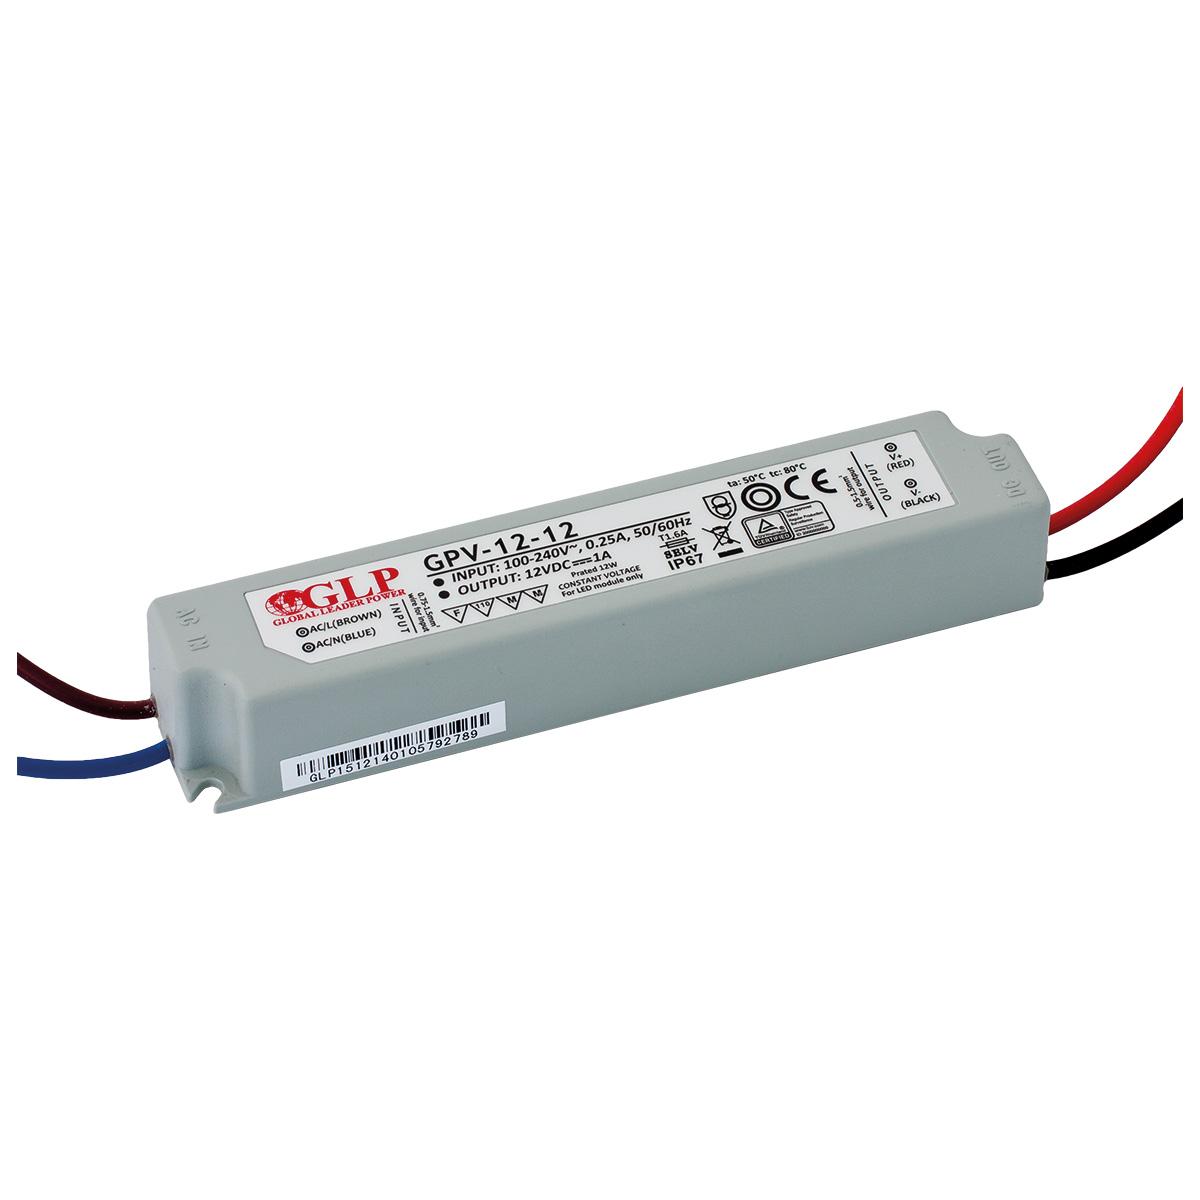 LED trafo GLP GPV-12-12 venkovní IP67 12W 12V, záruka 3 roky